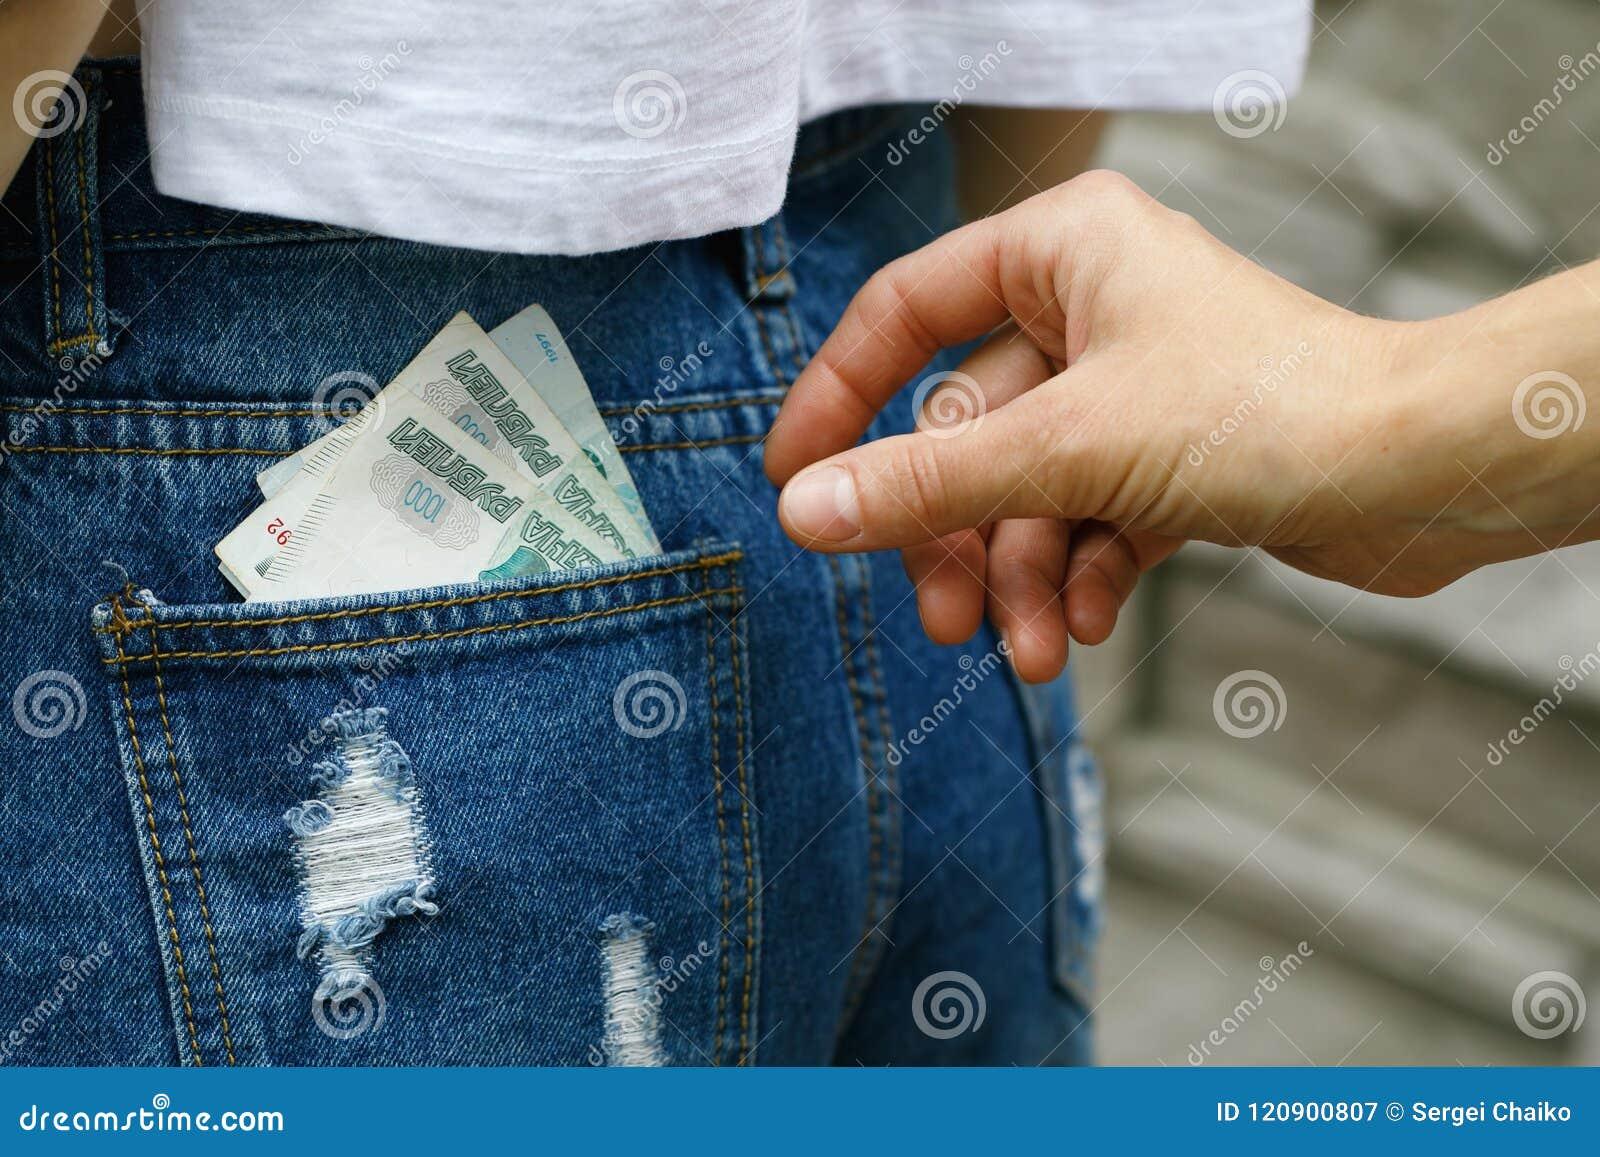 Diebstahl des Geldes von der Rückseite Ihrer Jeanstasche